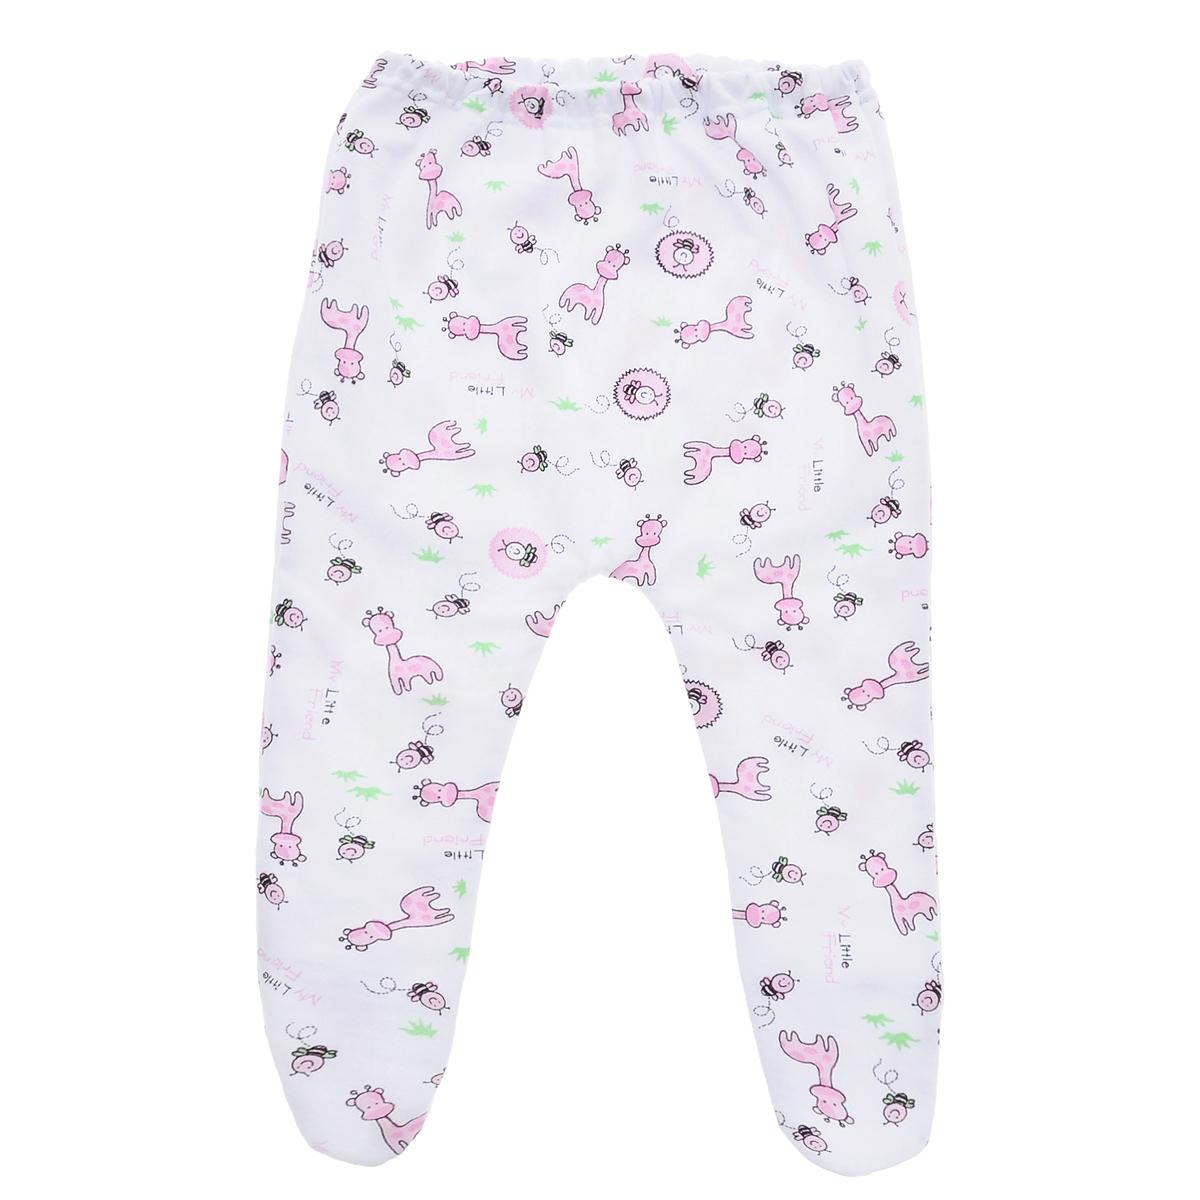 Ползунки Трон-плюс, цвет: белый, розовый, рисунок жирафа. 5223. Размер 80, 12 месяцев5223Удобные ползунки с закрытыми ножками Трон-плюс послужат идеальным дополнением к гардеробу малыша. Ползунки, изготовленные из футерованного полотна - натурального хлопка, необычайно мягкие и легкие, не раздражают нежную кожу ребенка и хорошо вентилируются, а эластичные швы приятны телу ребенка и не препятствуют его движениям. Лицевая сторона гладкая, а изнаночная - с мягким теплым начесом. Отлично сочетаются с футболками, кофточками и боди.Ползунки на резинке - очень удобный и практичный вид одежды для малышей, которые уже немного подросли!